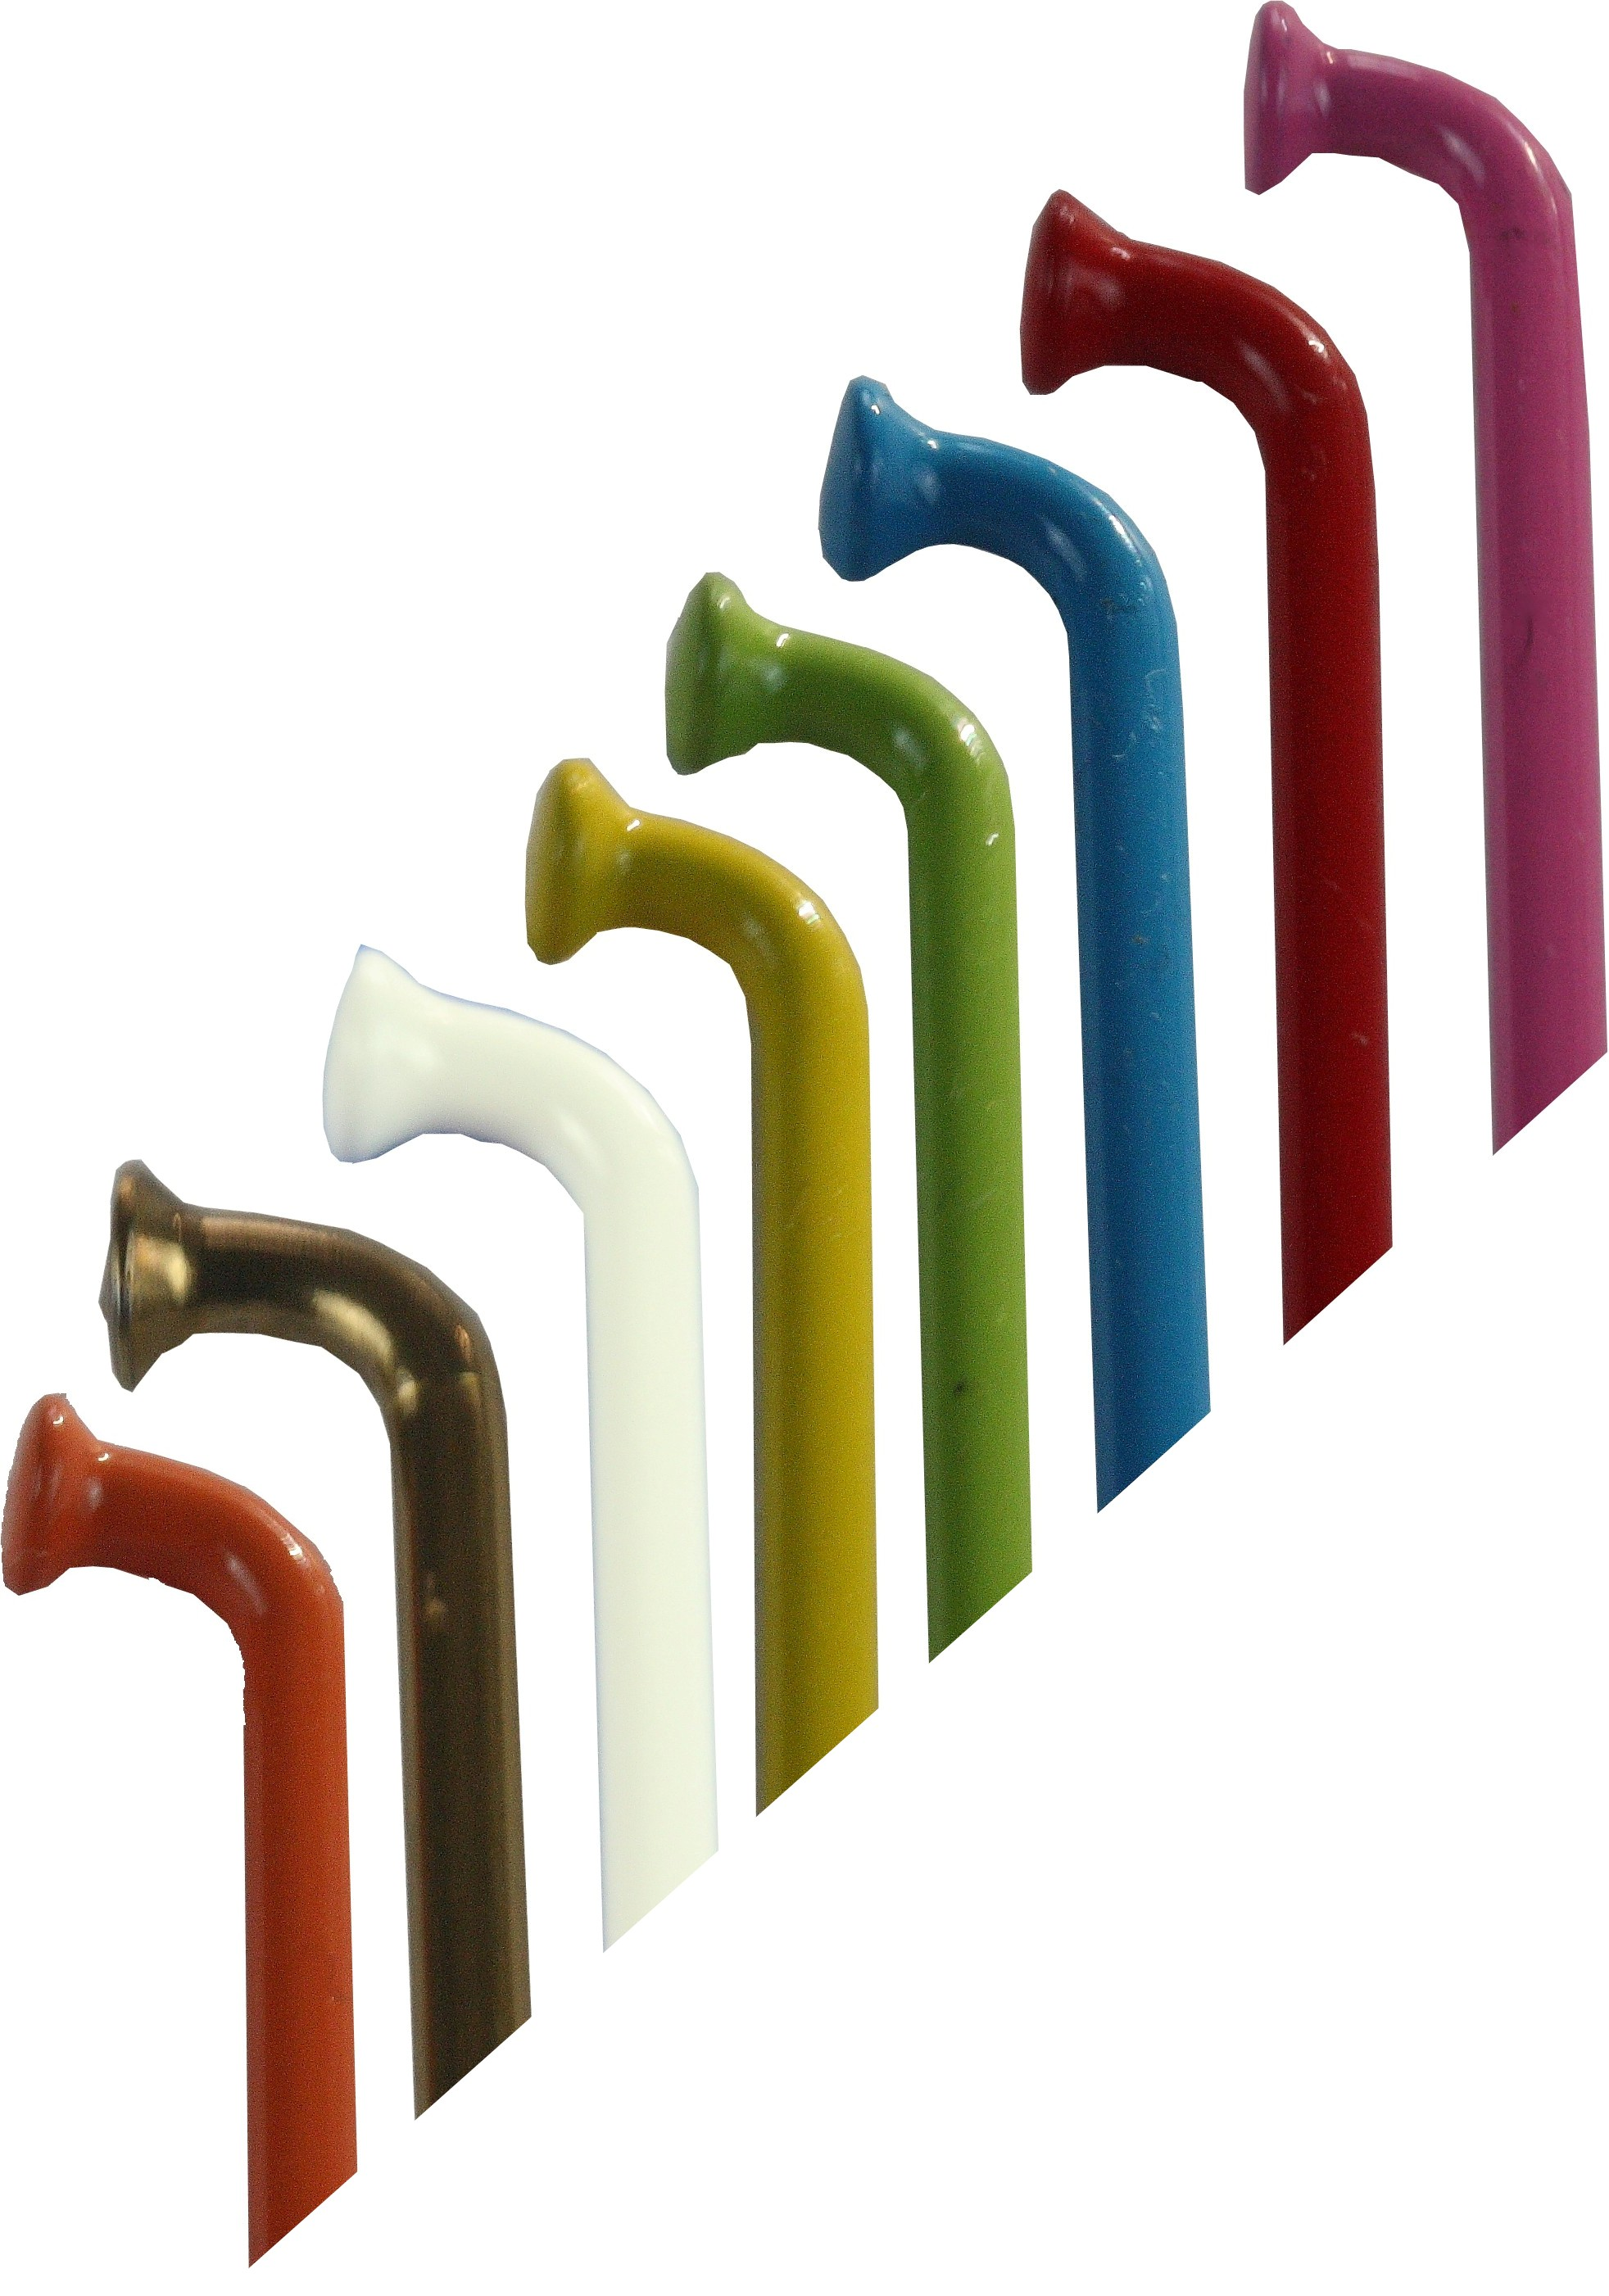 4 Speichen Länge 216 mm Pillar Spokes PSR 14 in diversen Farben Speichen Fahrradteile & -komponenten